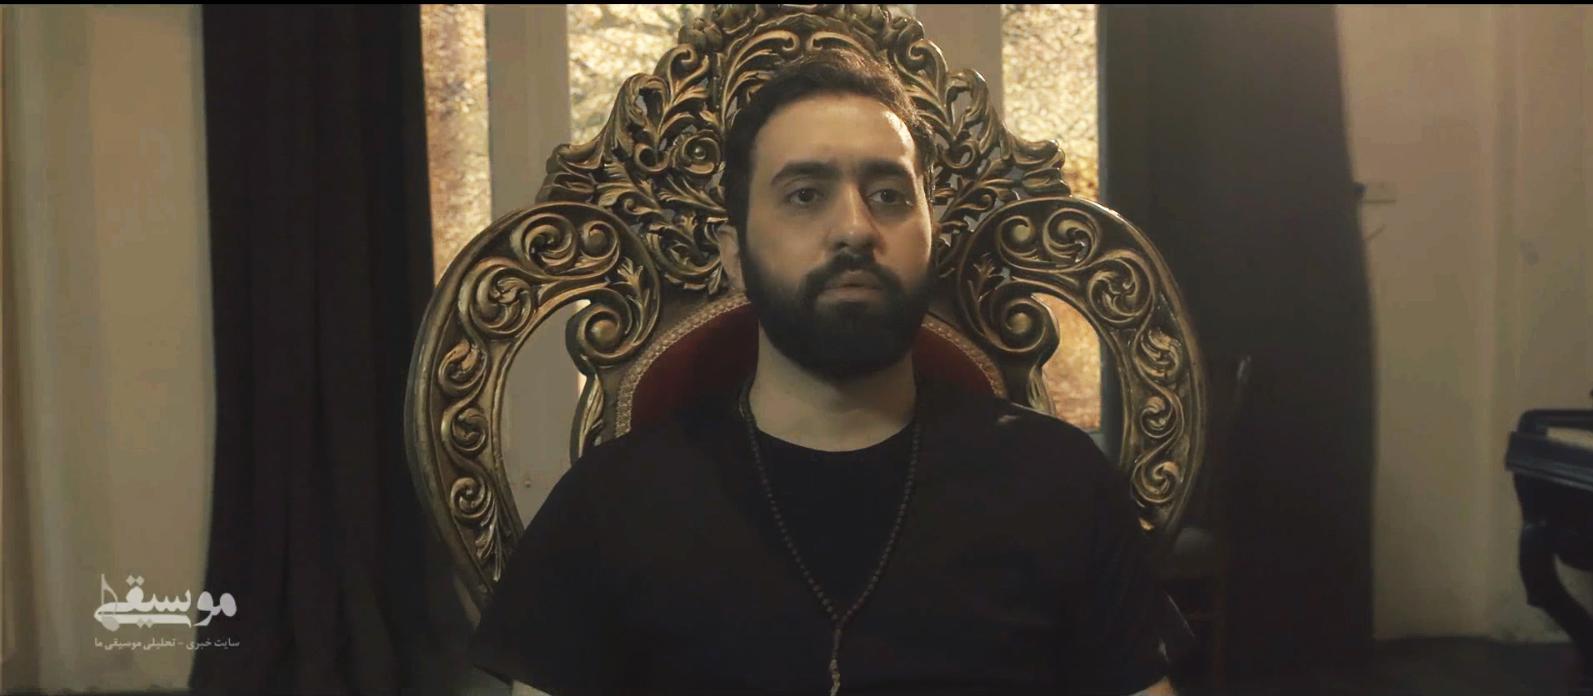 مجید عبدی: آلبوم «آینه قدی» با صدای «مهدی یراحی» 19 بهمن منتشر میشود